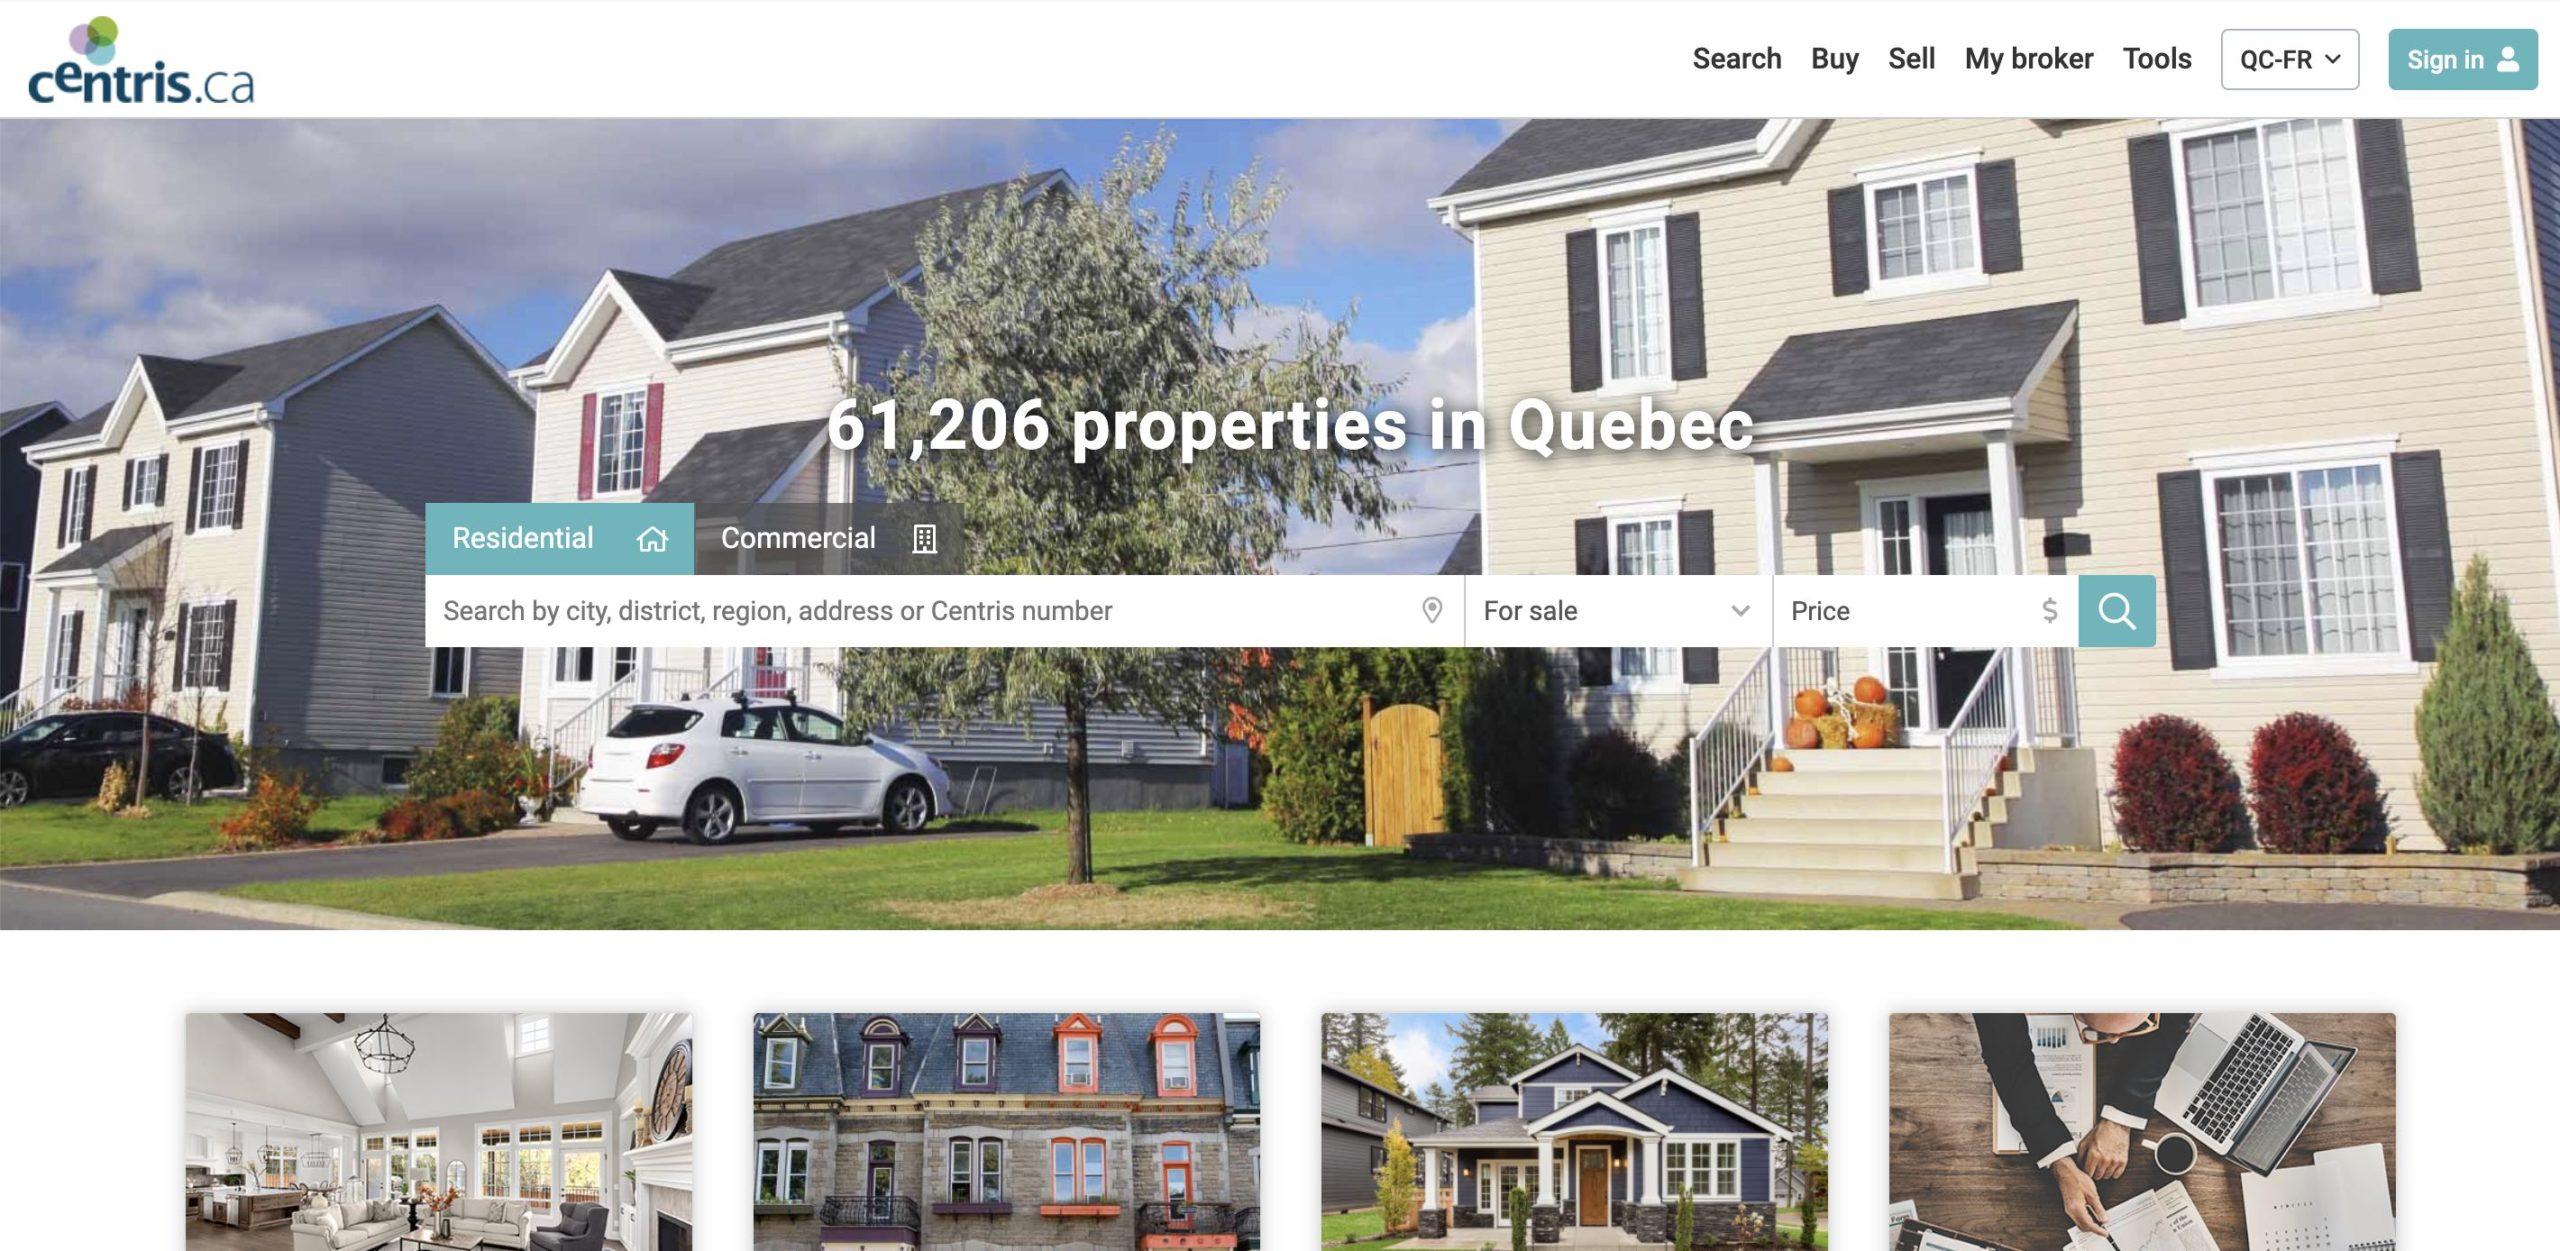 Centris.ca - Properties in Quebec